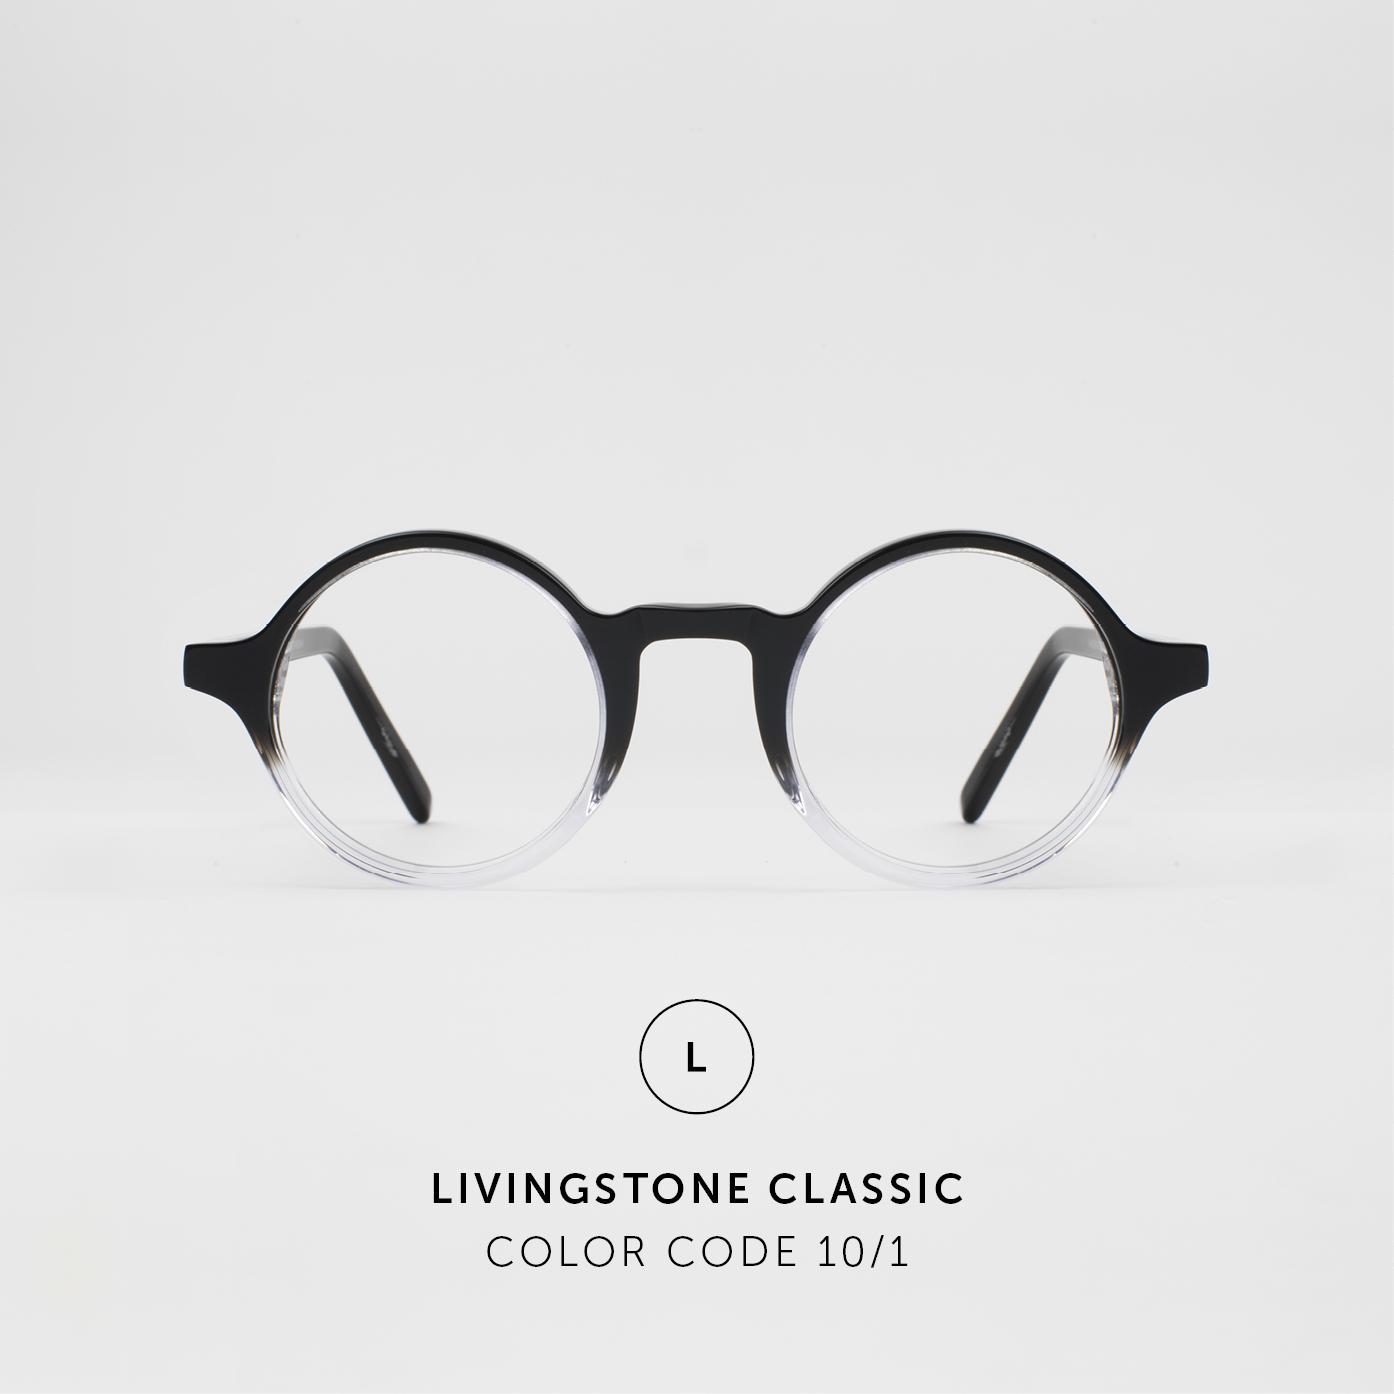 LivingstoneClassic45.jpg